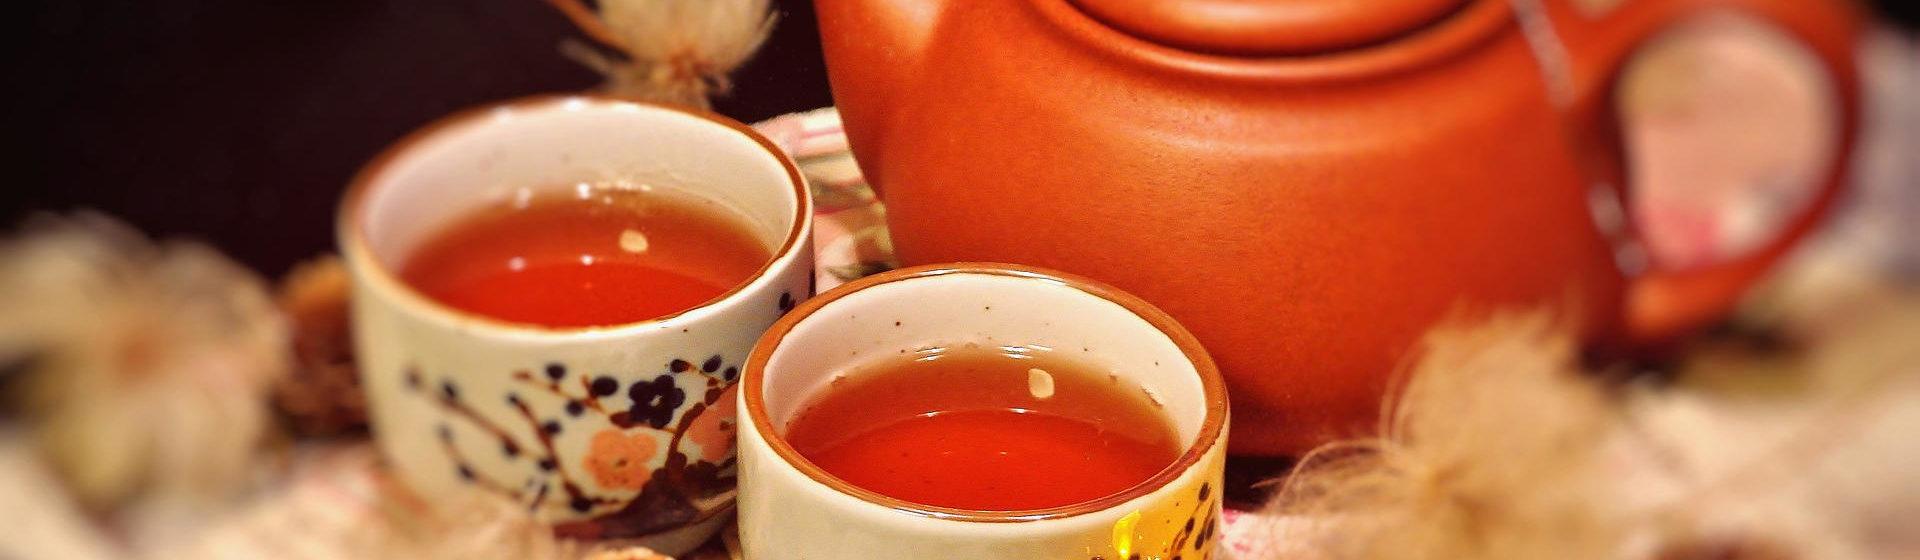 egy finom tea a testet és a lelket is melegíti